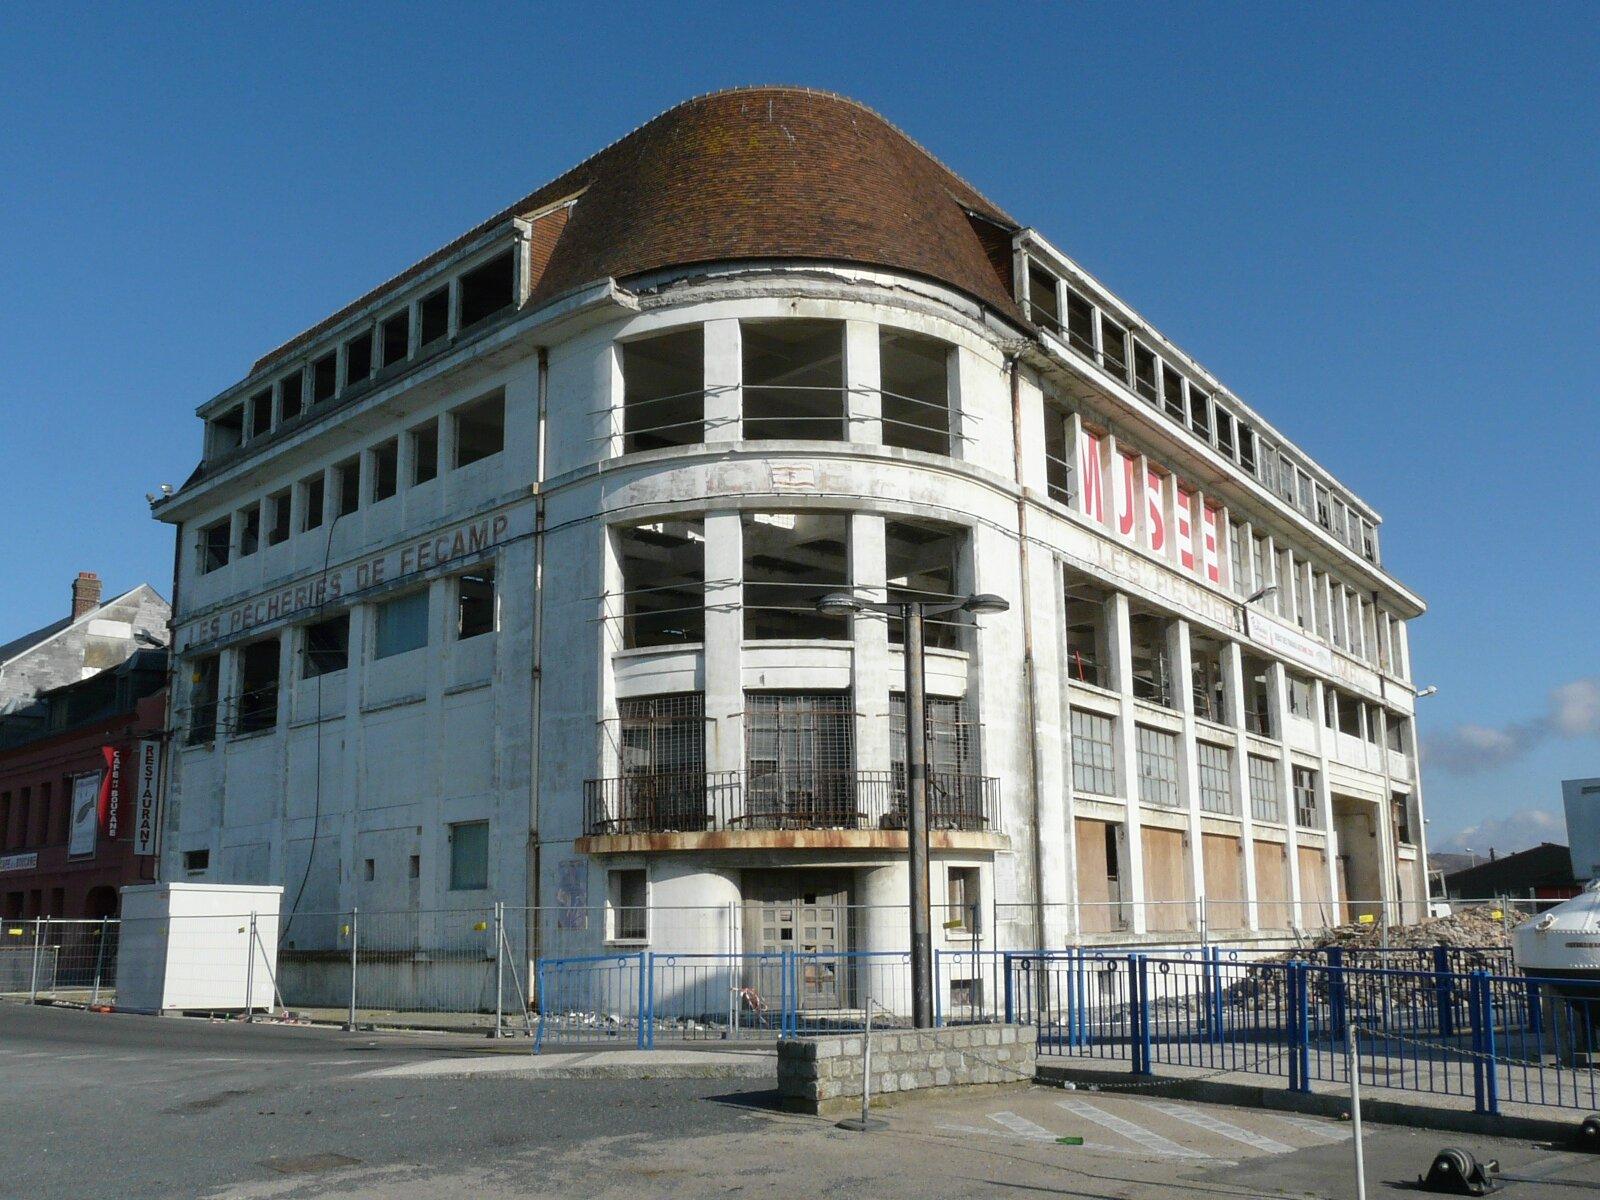 musée les pêcheries (42)